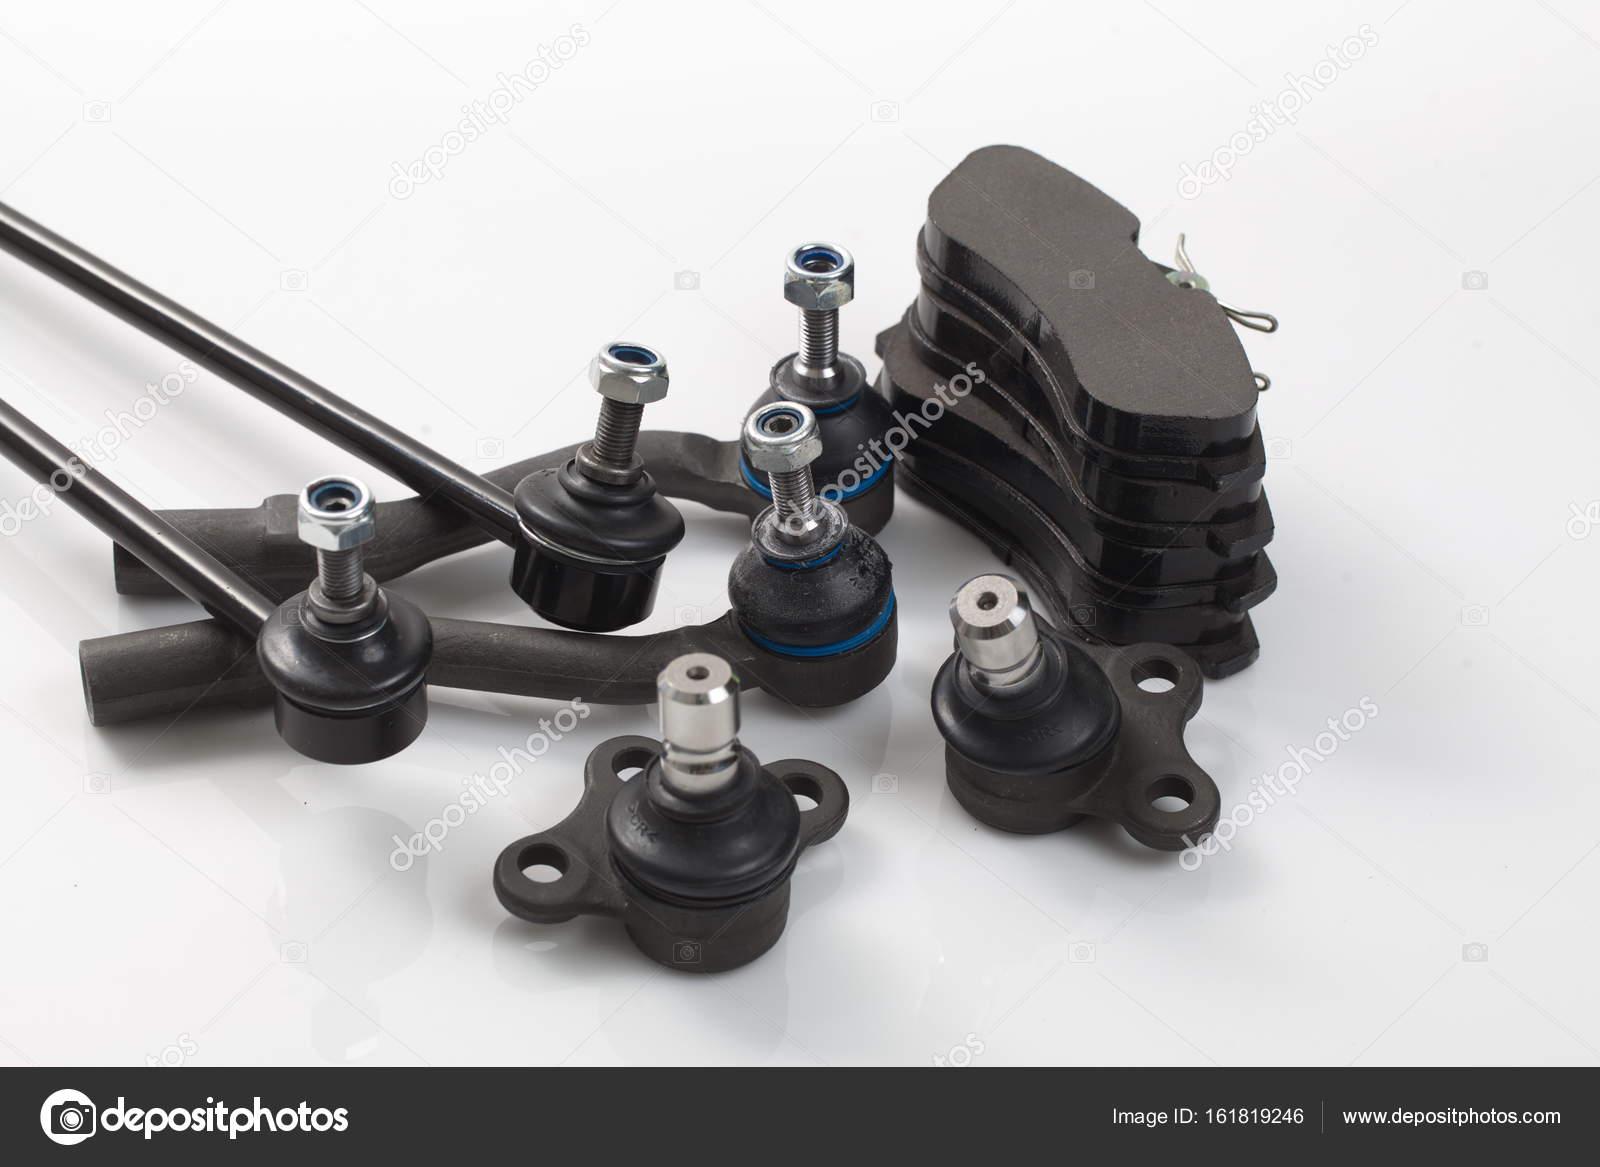 Auto Fahrwerk Teile neues Detail Kit set — Stockfoto © OlegMalyshev ...